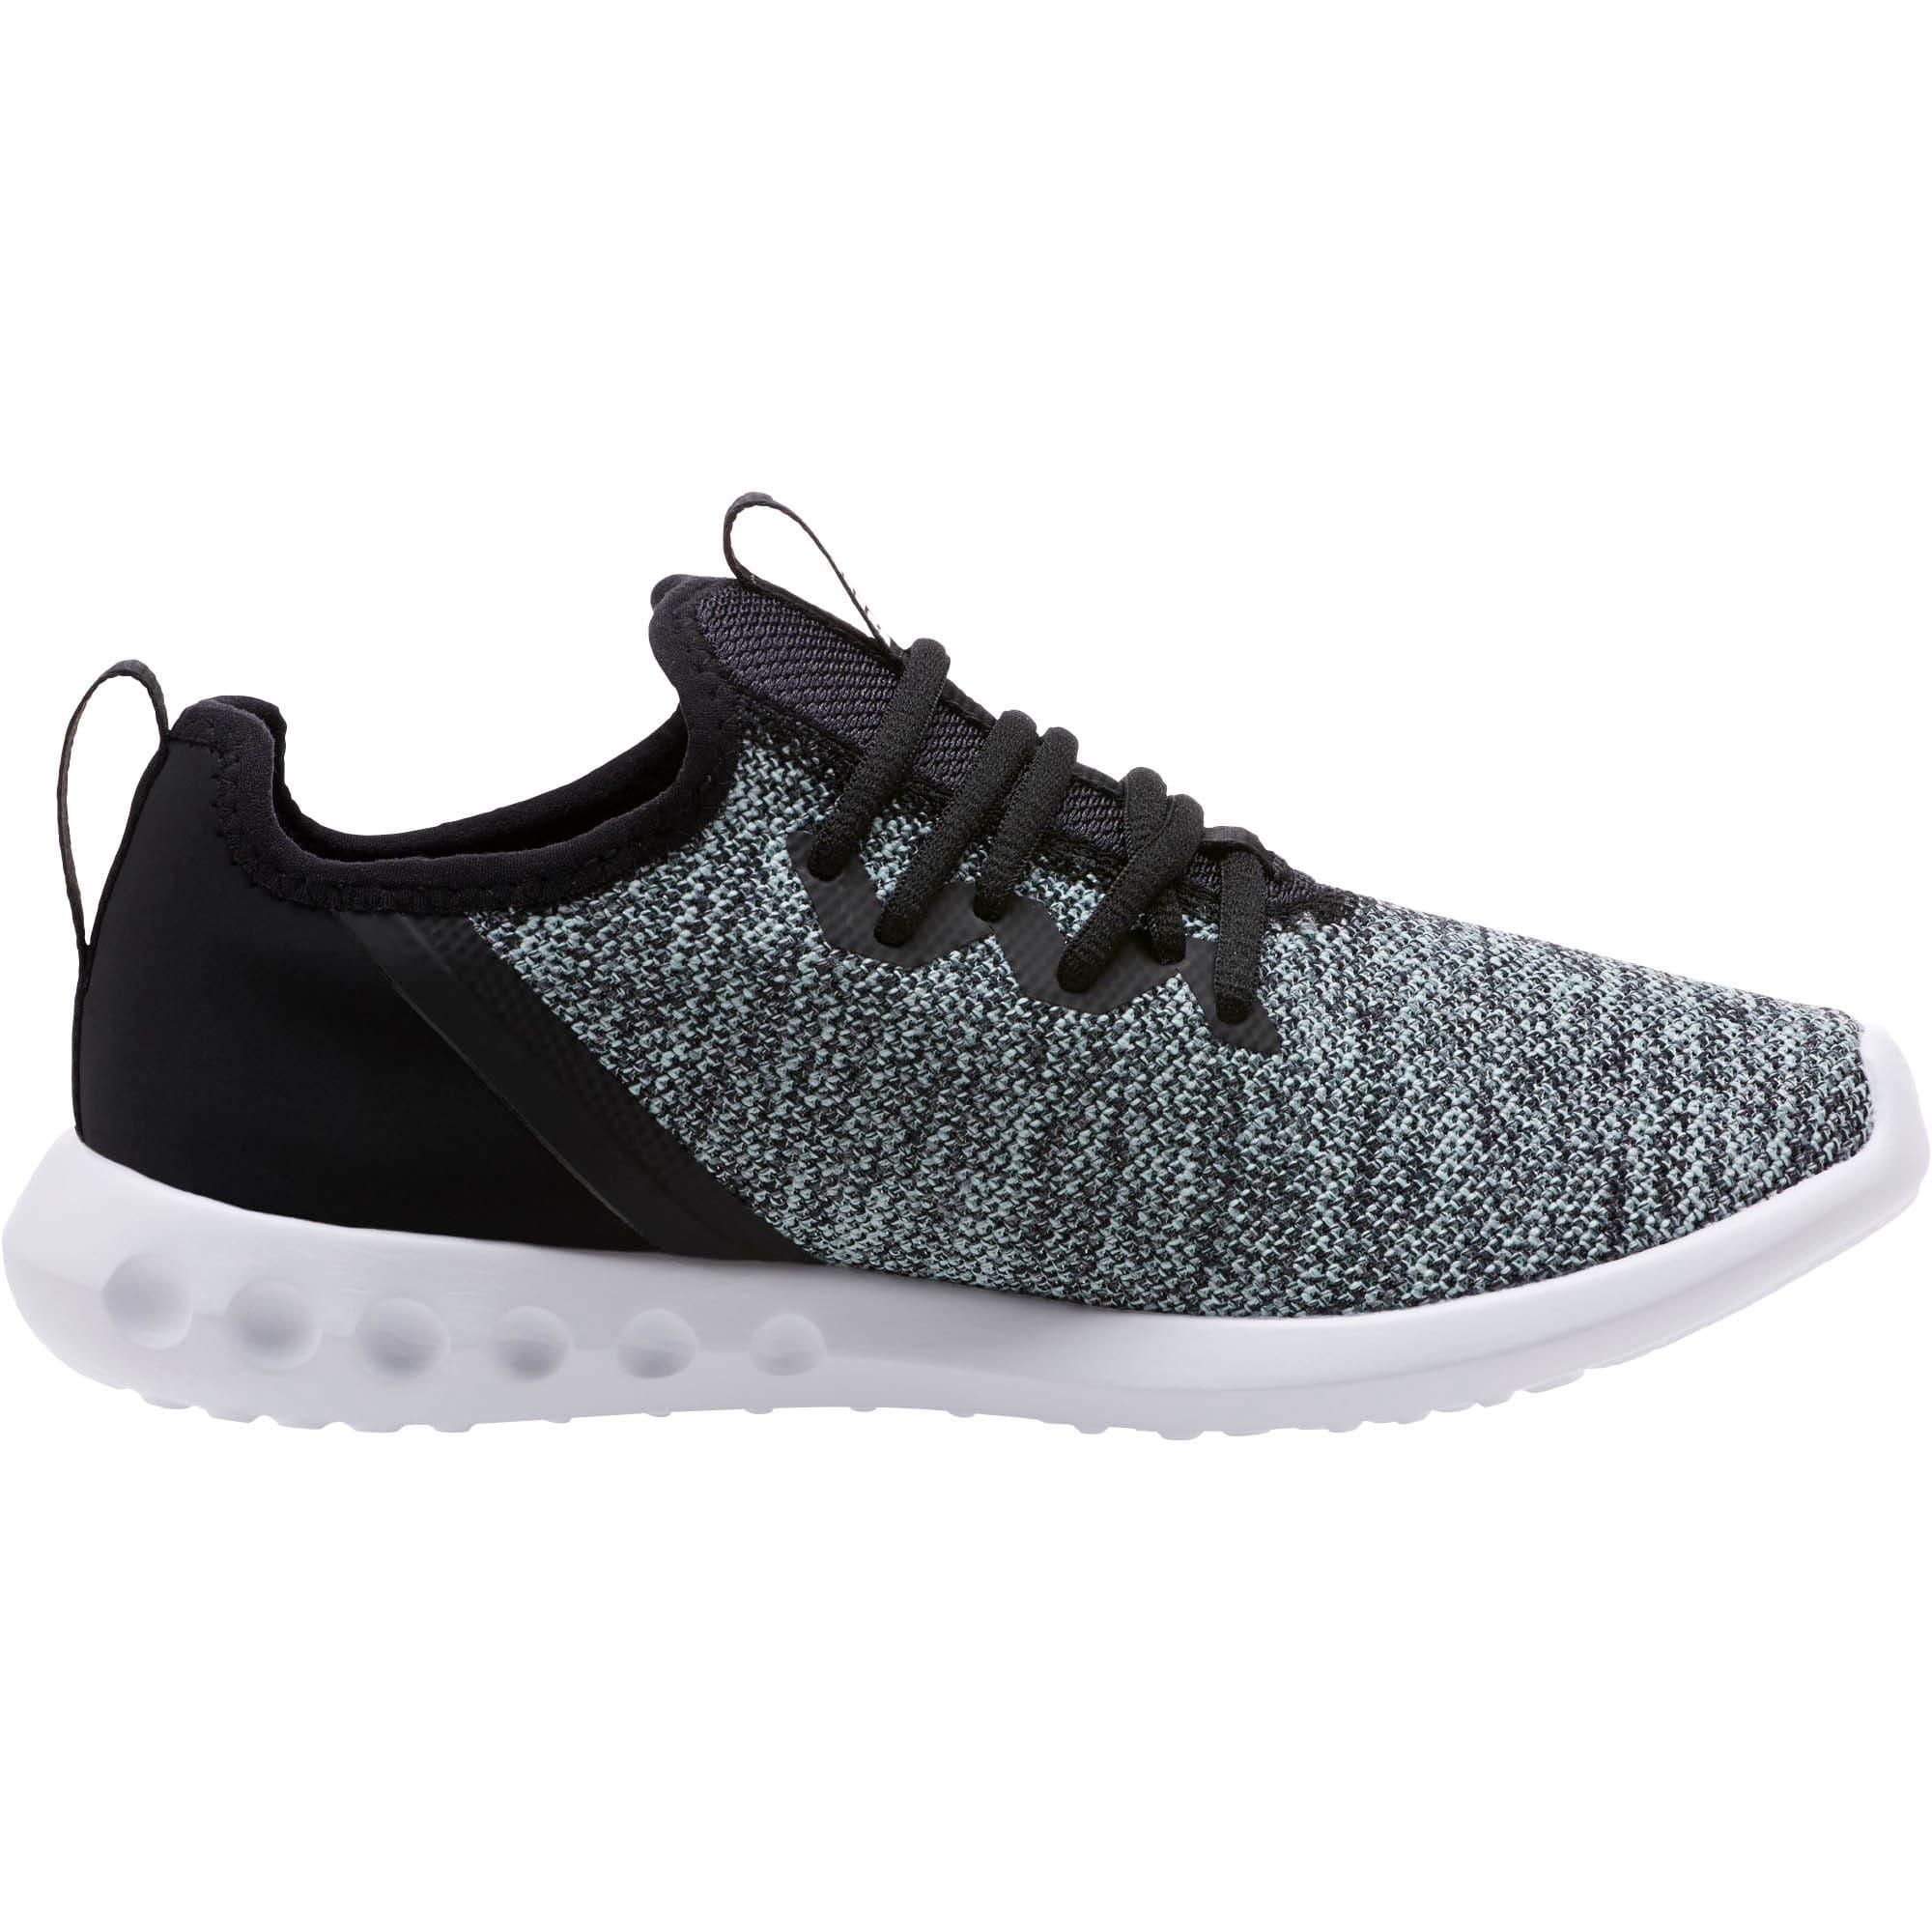 Thumbnail 3 of Carson 2 X Knit Women's Running Shoes, Puma Black-Fair Aqua, medium